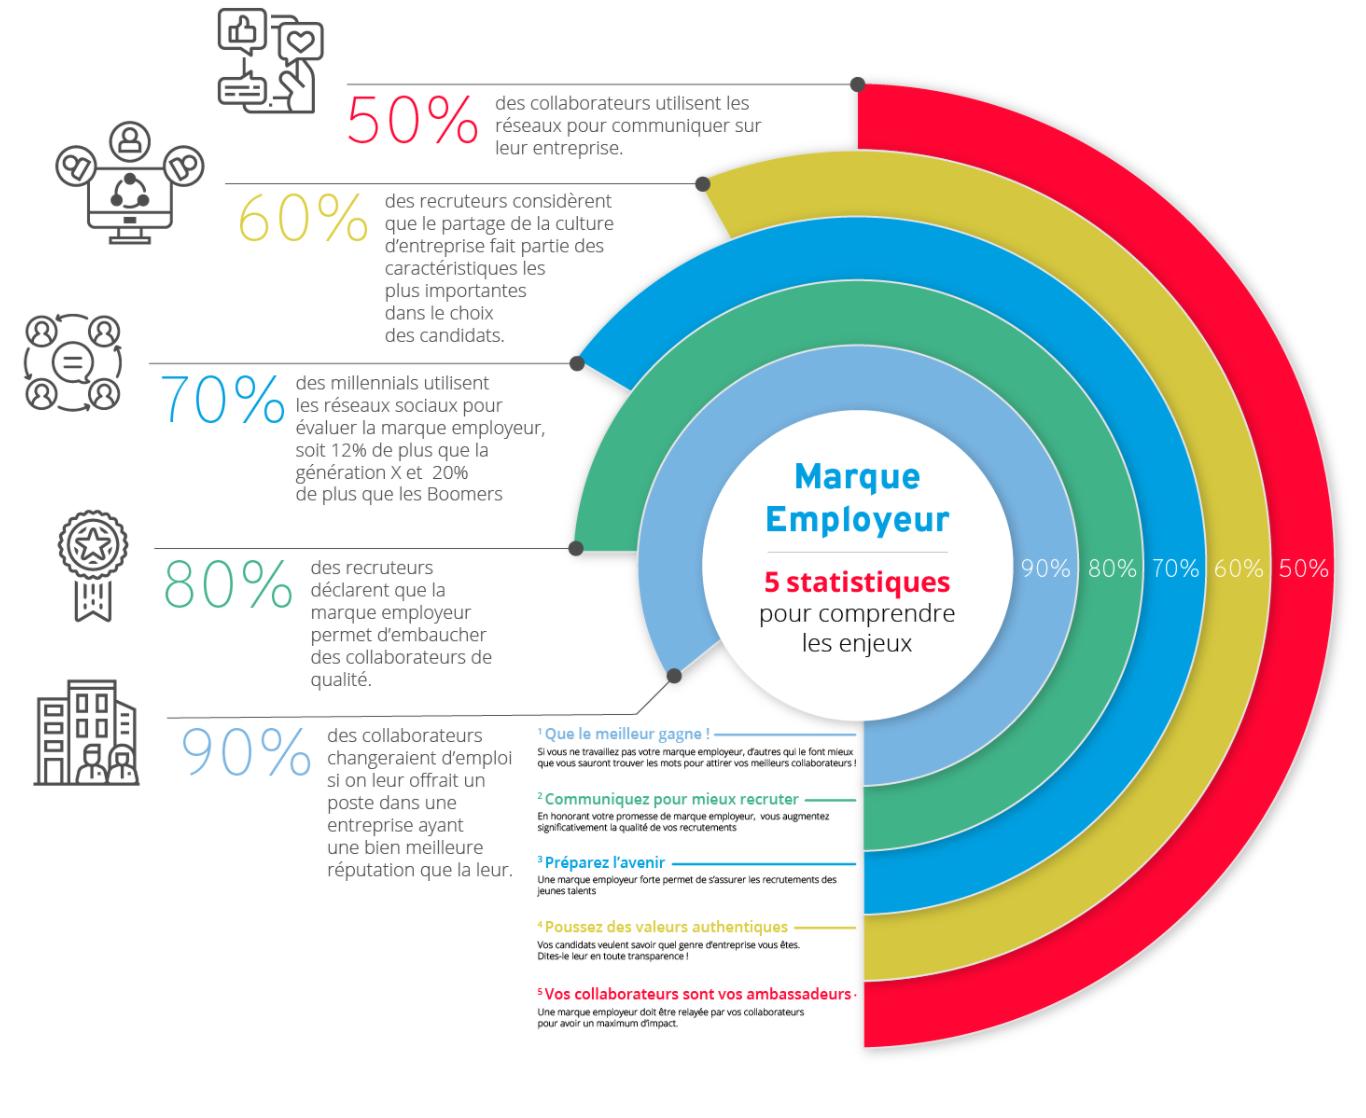 Marque employeur 5 statistiques pour comprendre les enjeux